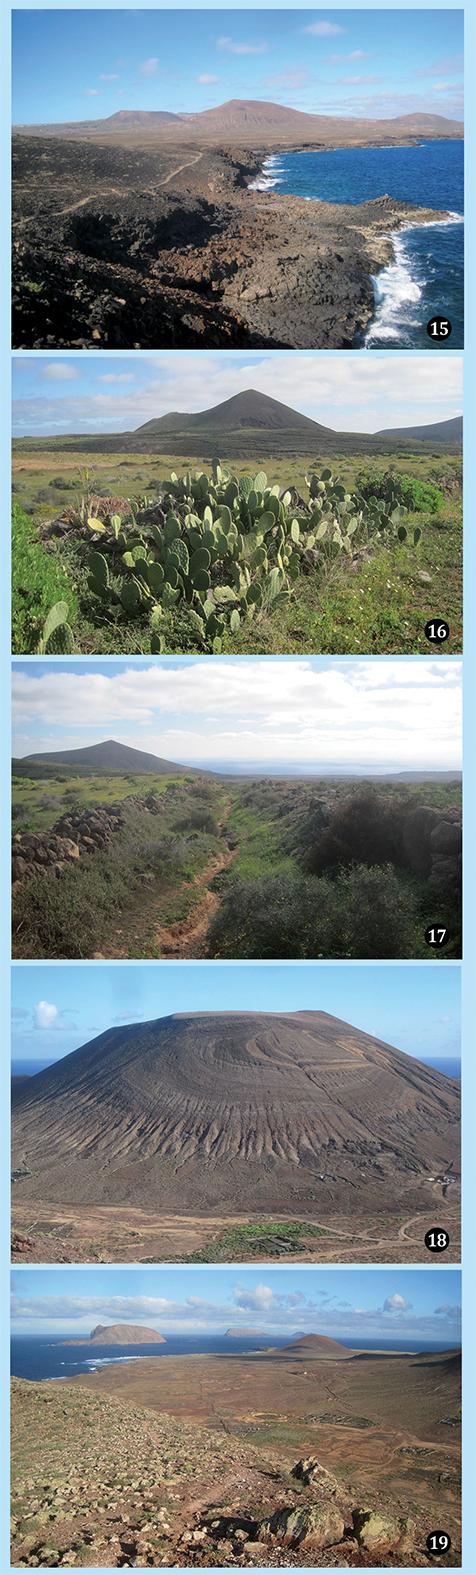 Lanzarote pic 6